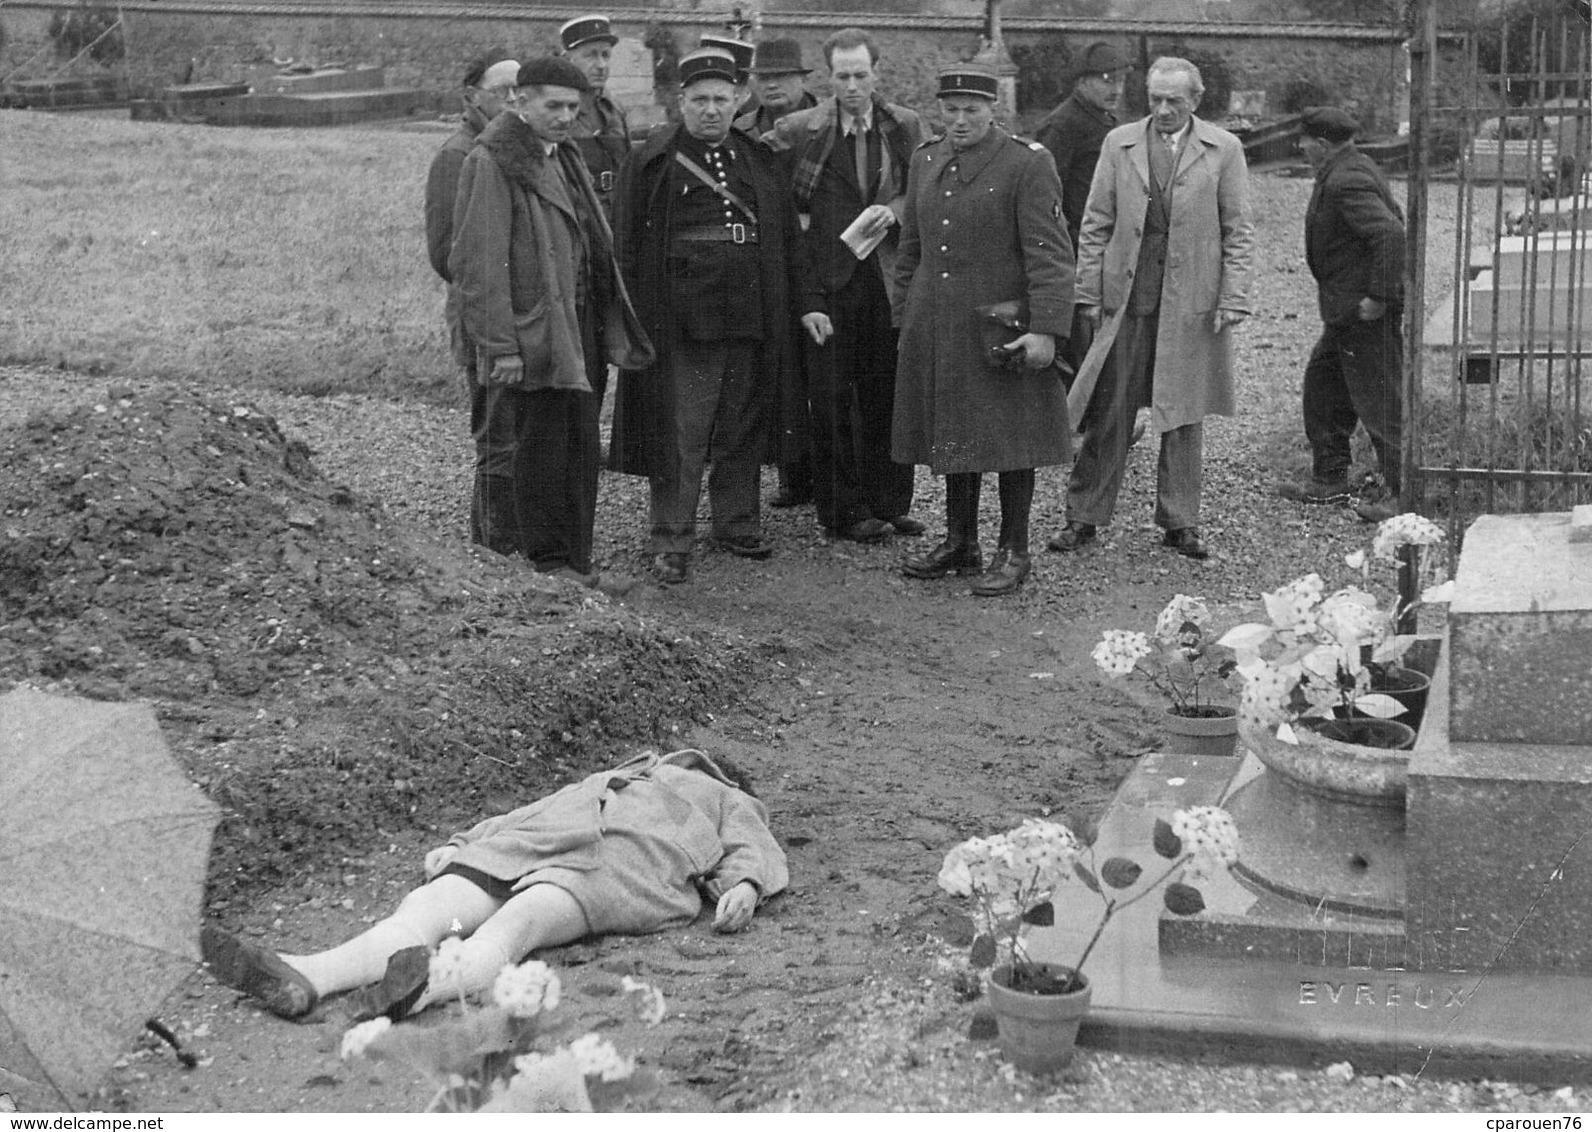 PHOTO ANCIENNE ANNEES 30 CURE EVREUX UNE FEMME MORTE DANS UN CIMETIERE LES POLICIERS - Glasdias